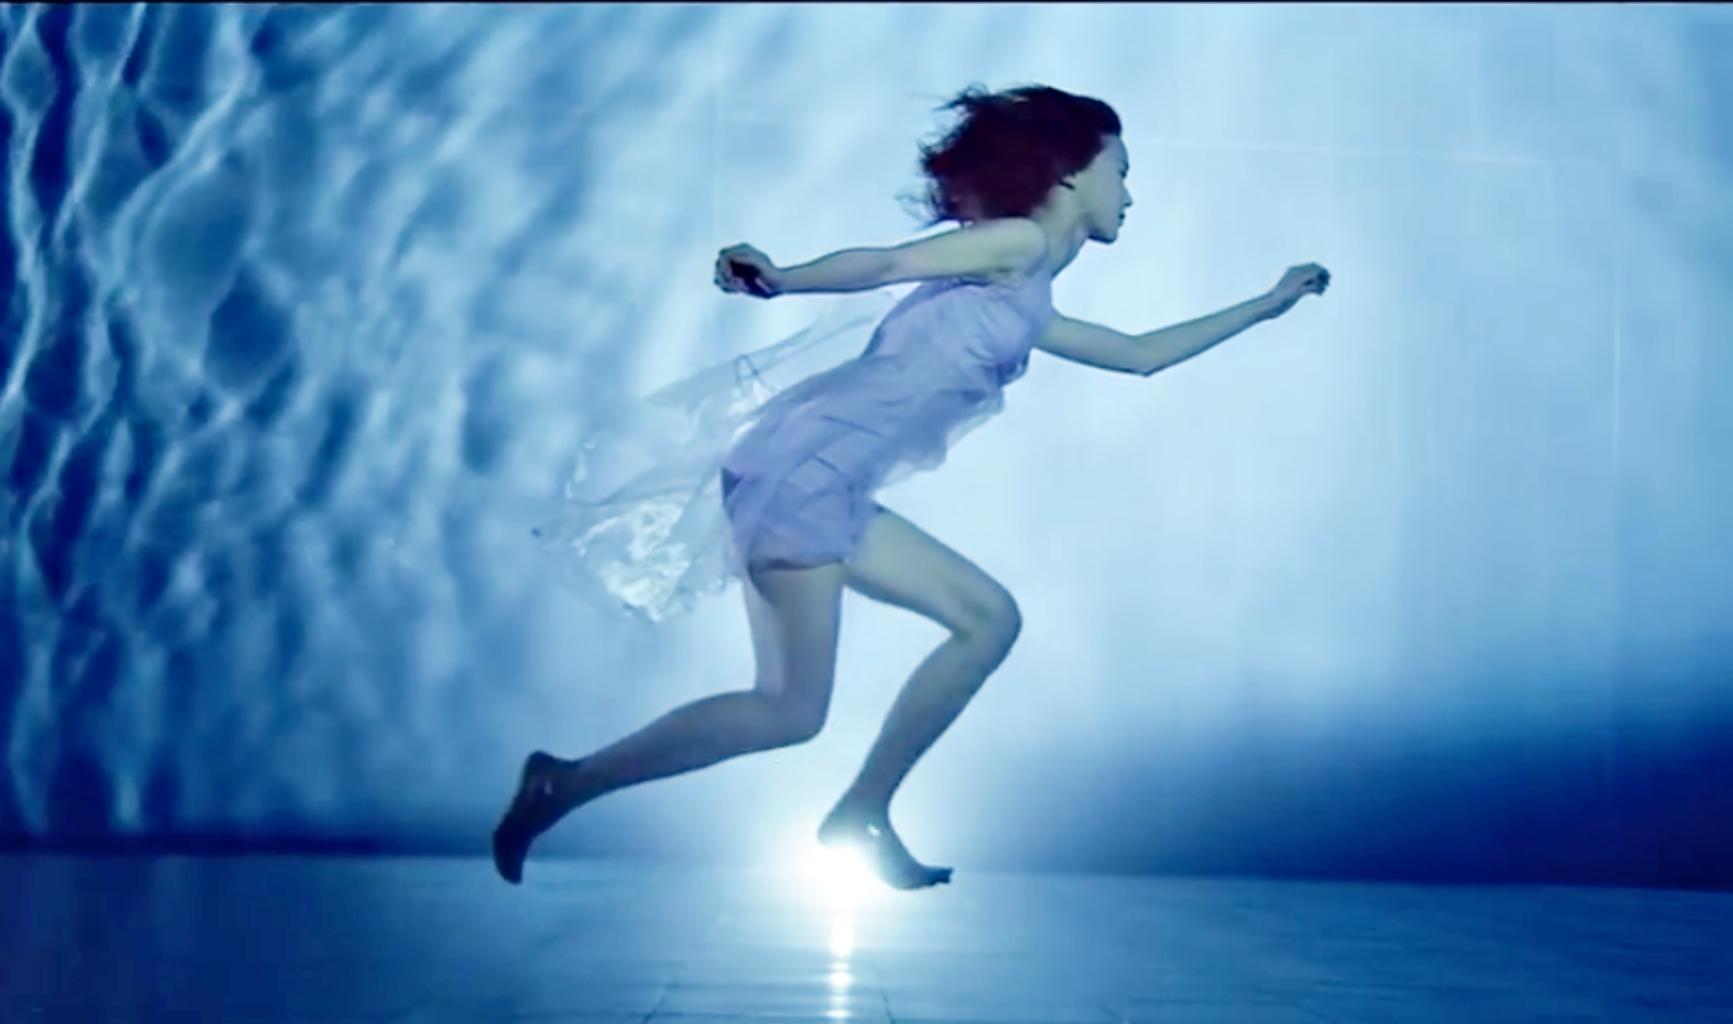 鍾瑶在水中拍攝12小時